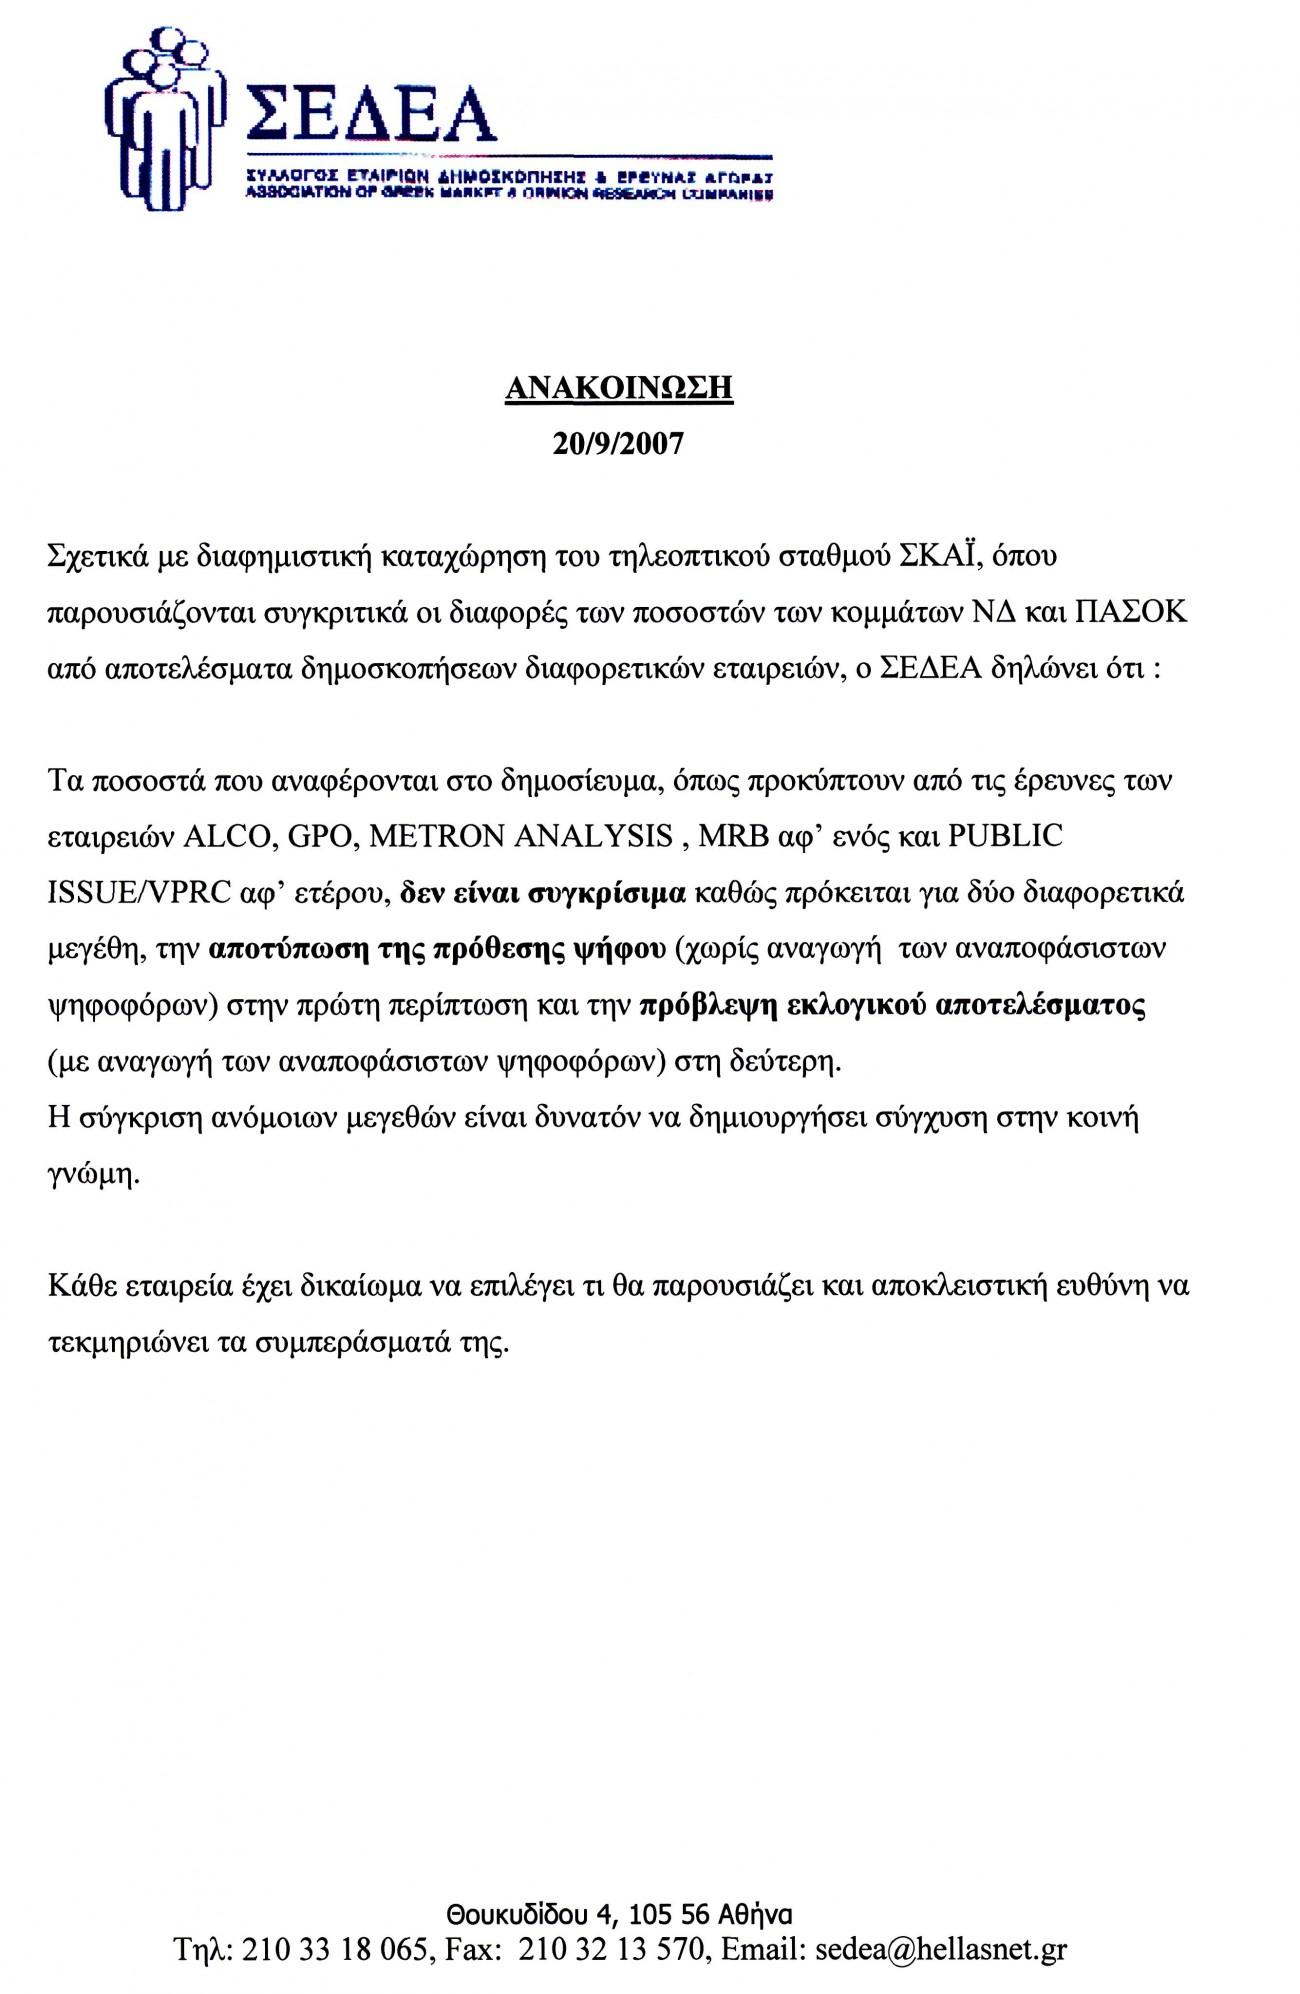 Ανακοίνωση του ΣΕΔΕΑ, 20.09.2007